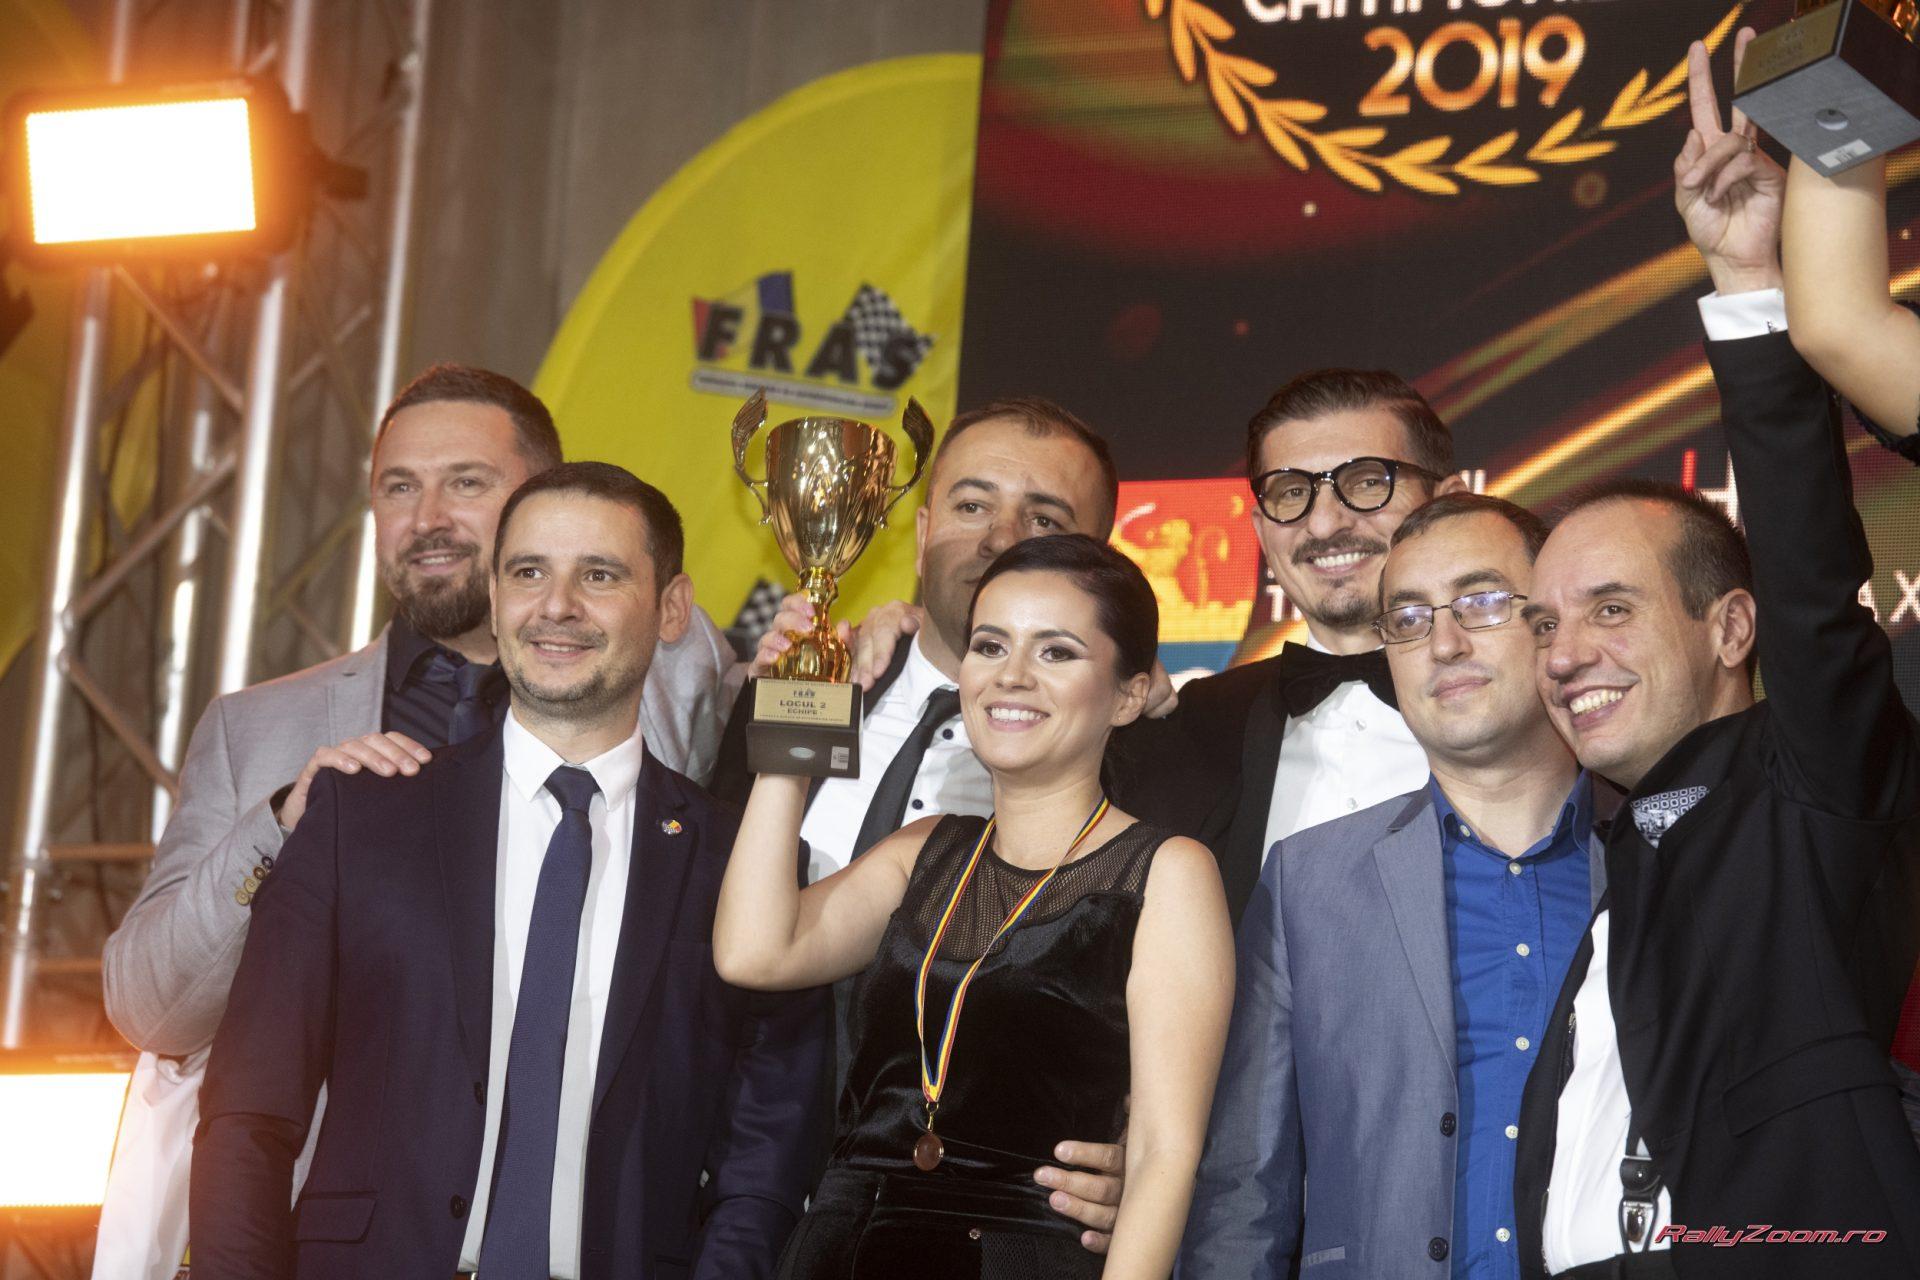 Echipajele DTO Rally Team au fost premiate la Gala Campionilor 2019